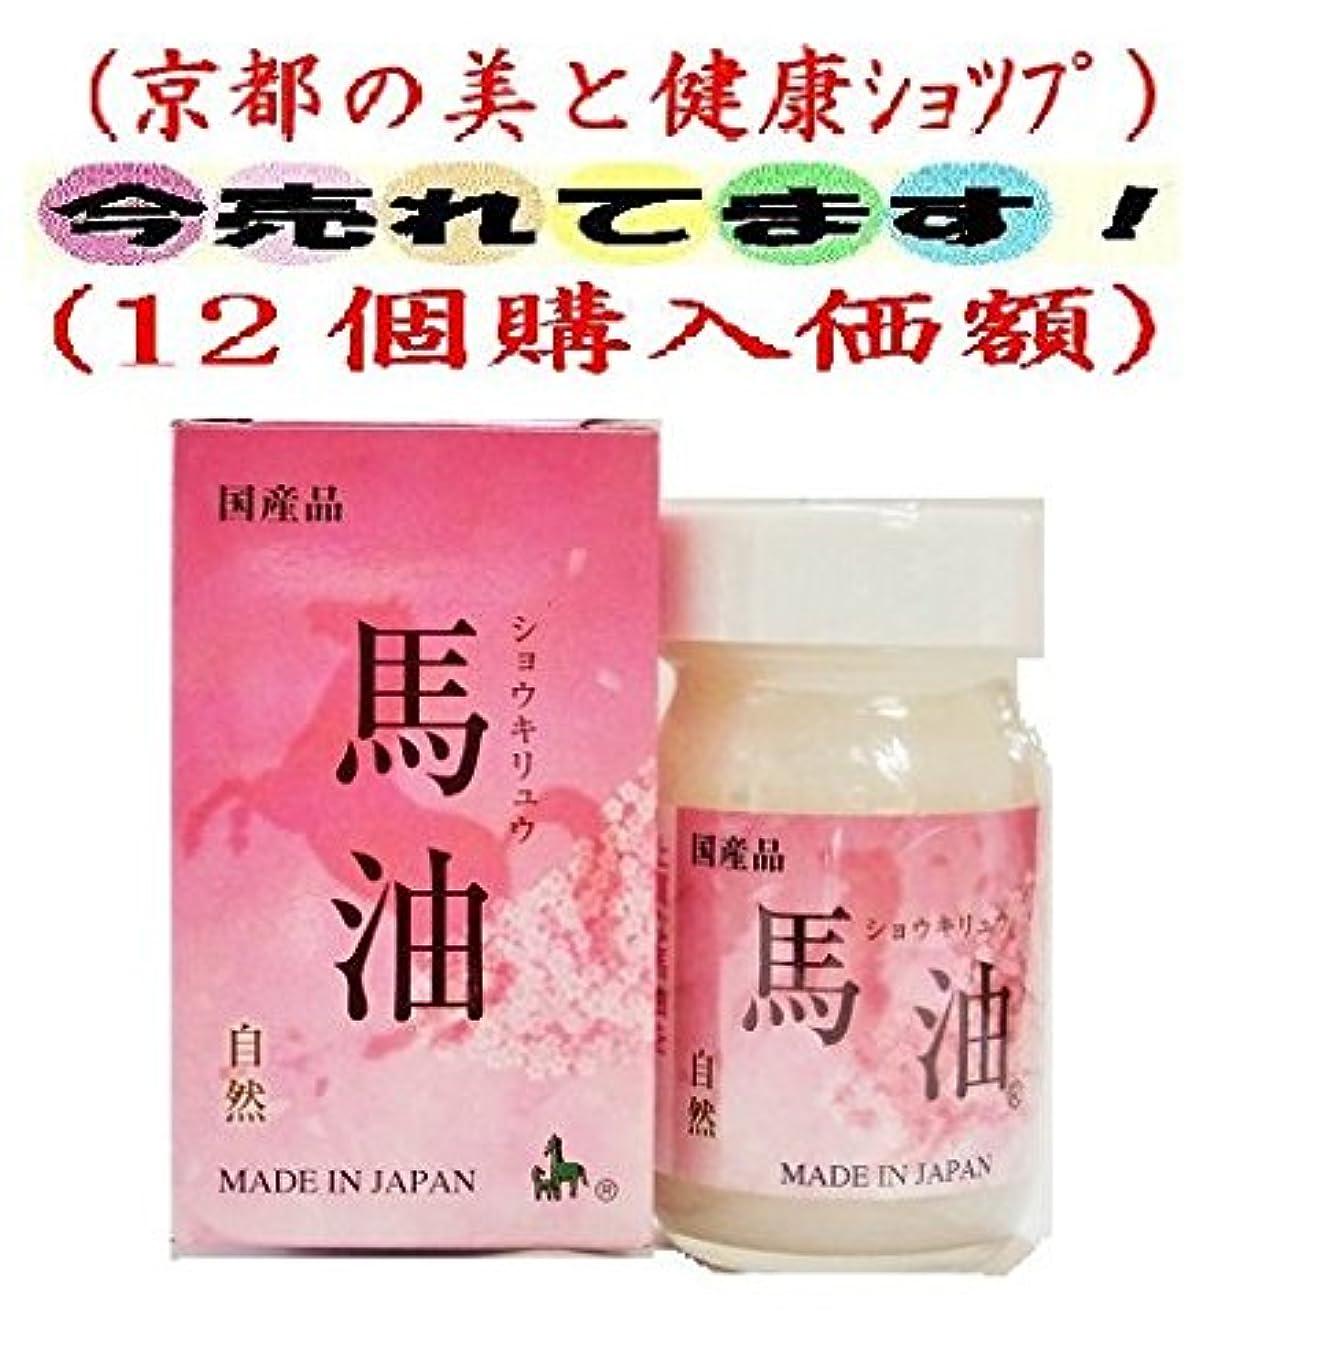 ストレンジャービタミン火薬ショウキリュウ 馬油 自然 70ml (桜 ピンク化粧箱 12個購入価額)